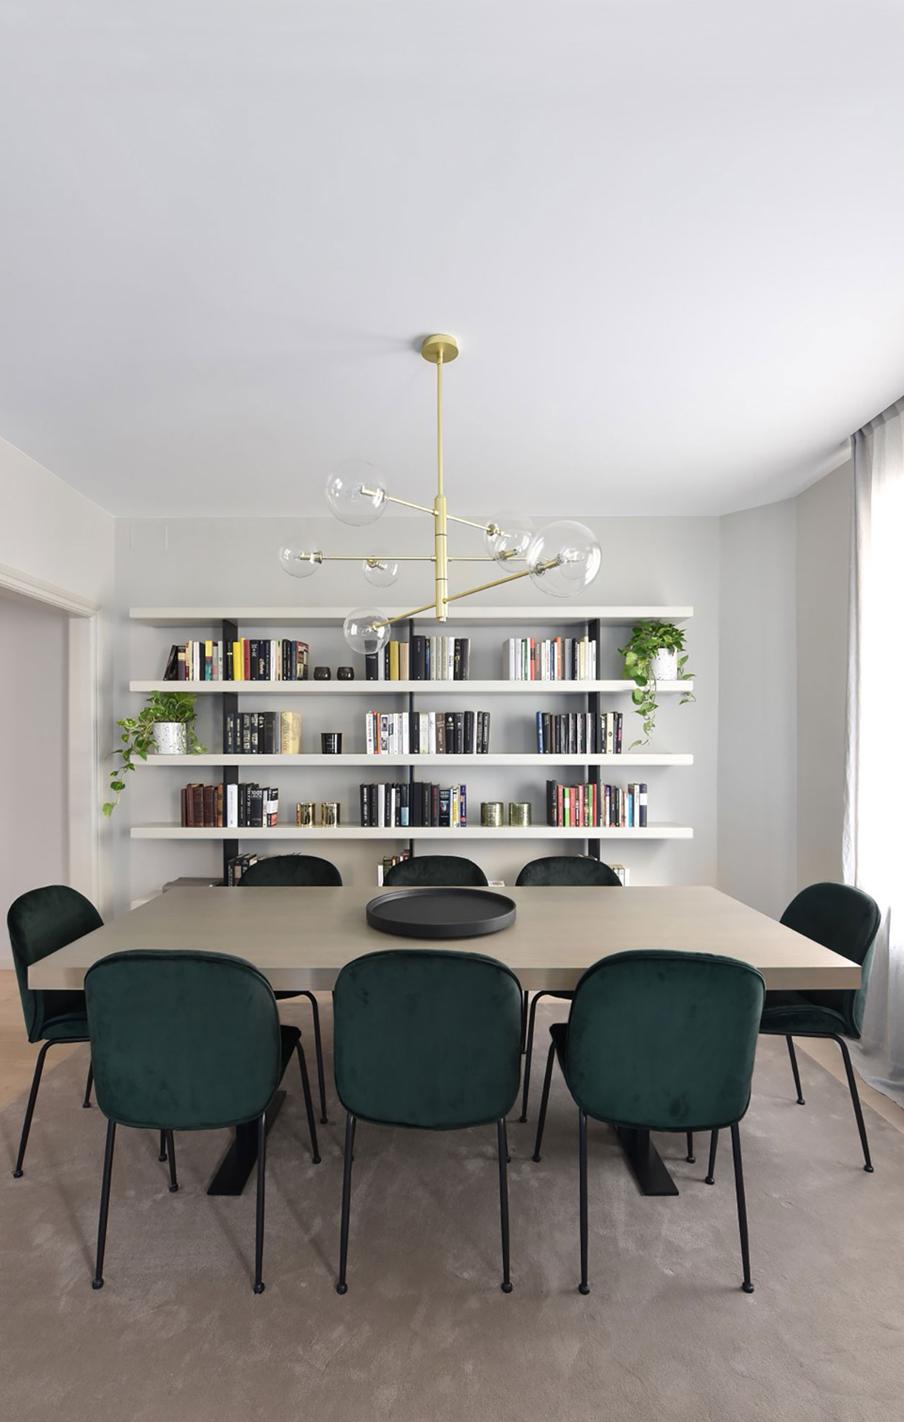 Mao residence | Mimouca Design